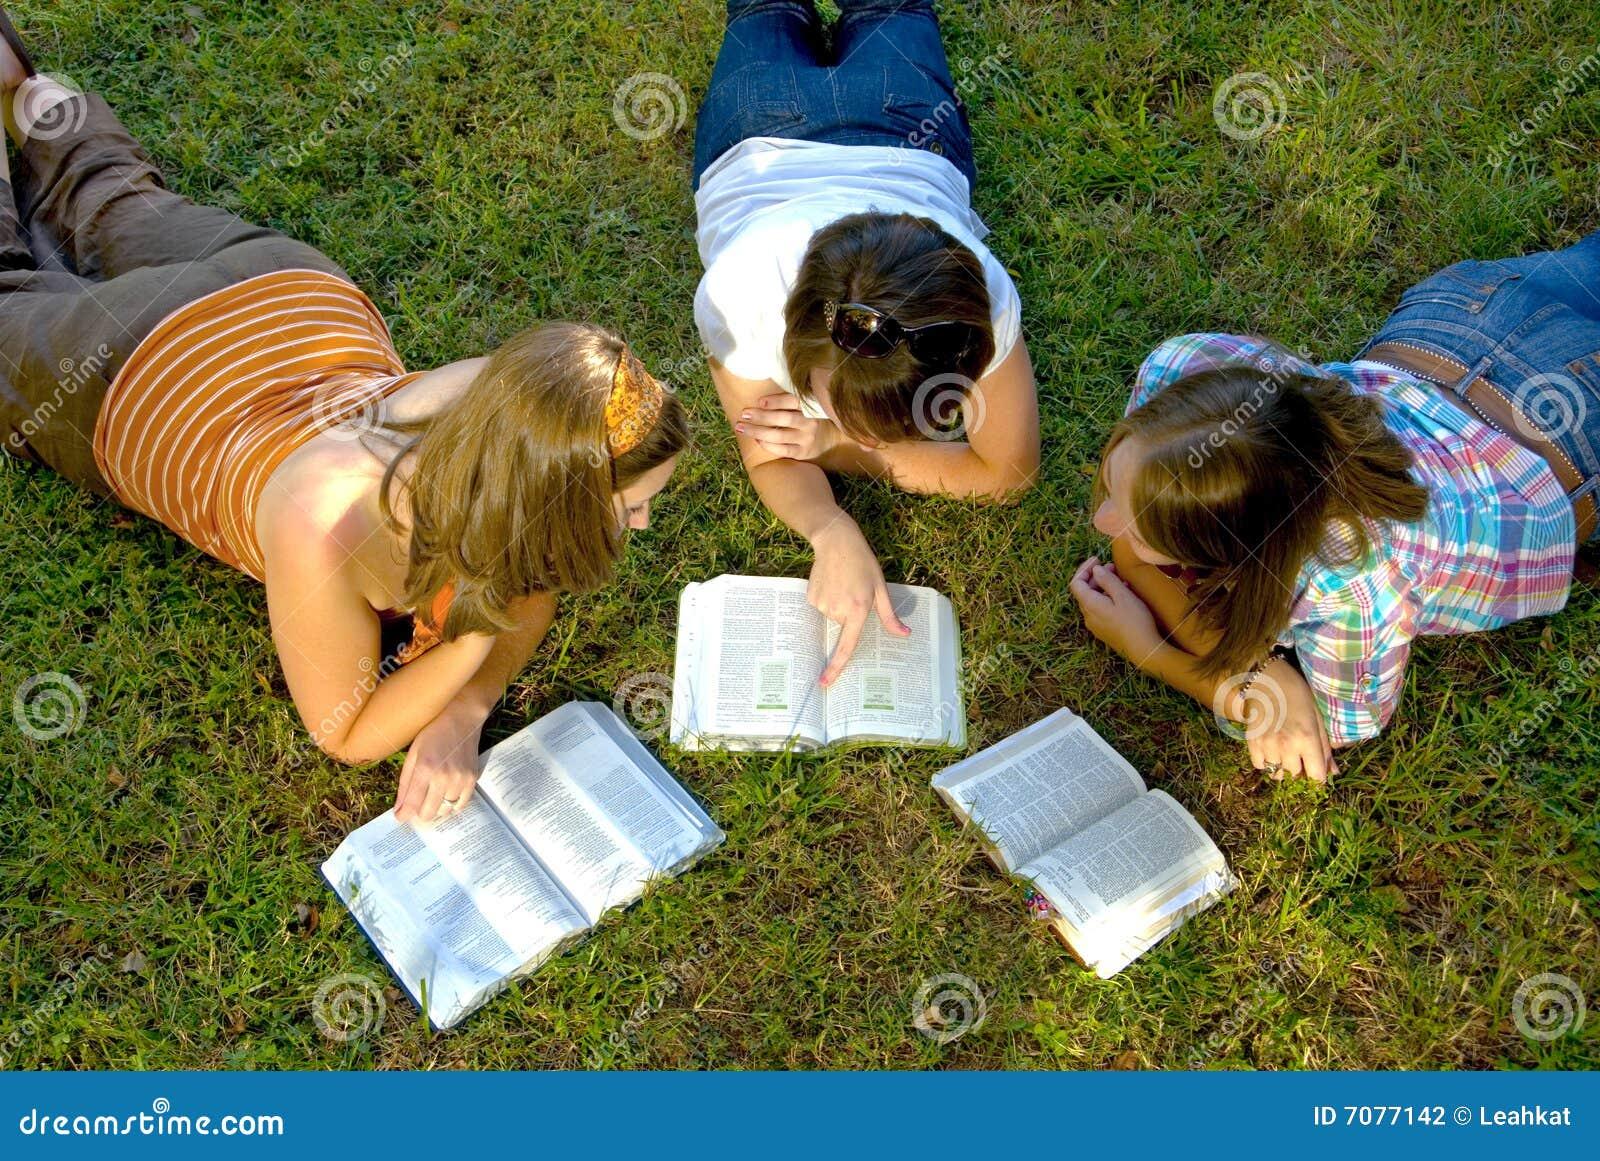 Bibelstudyungdom